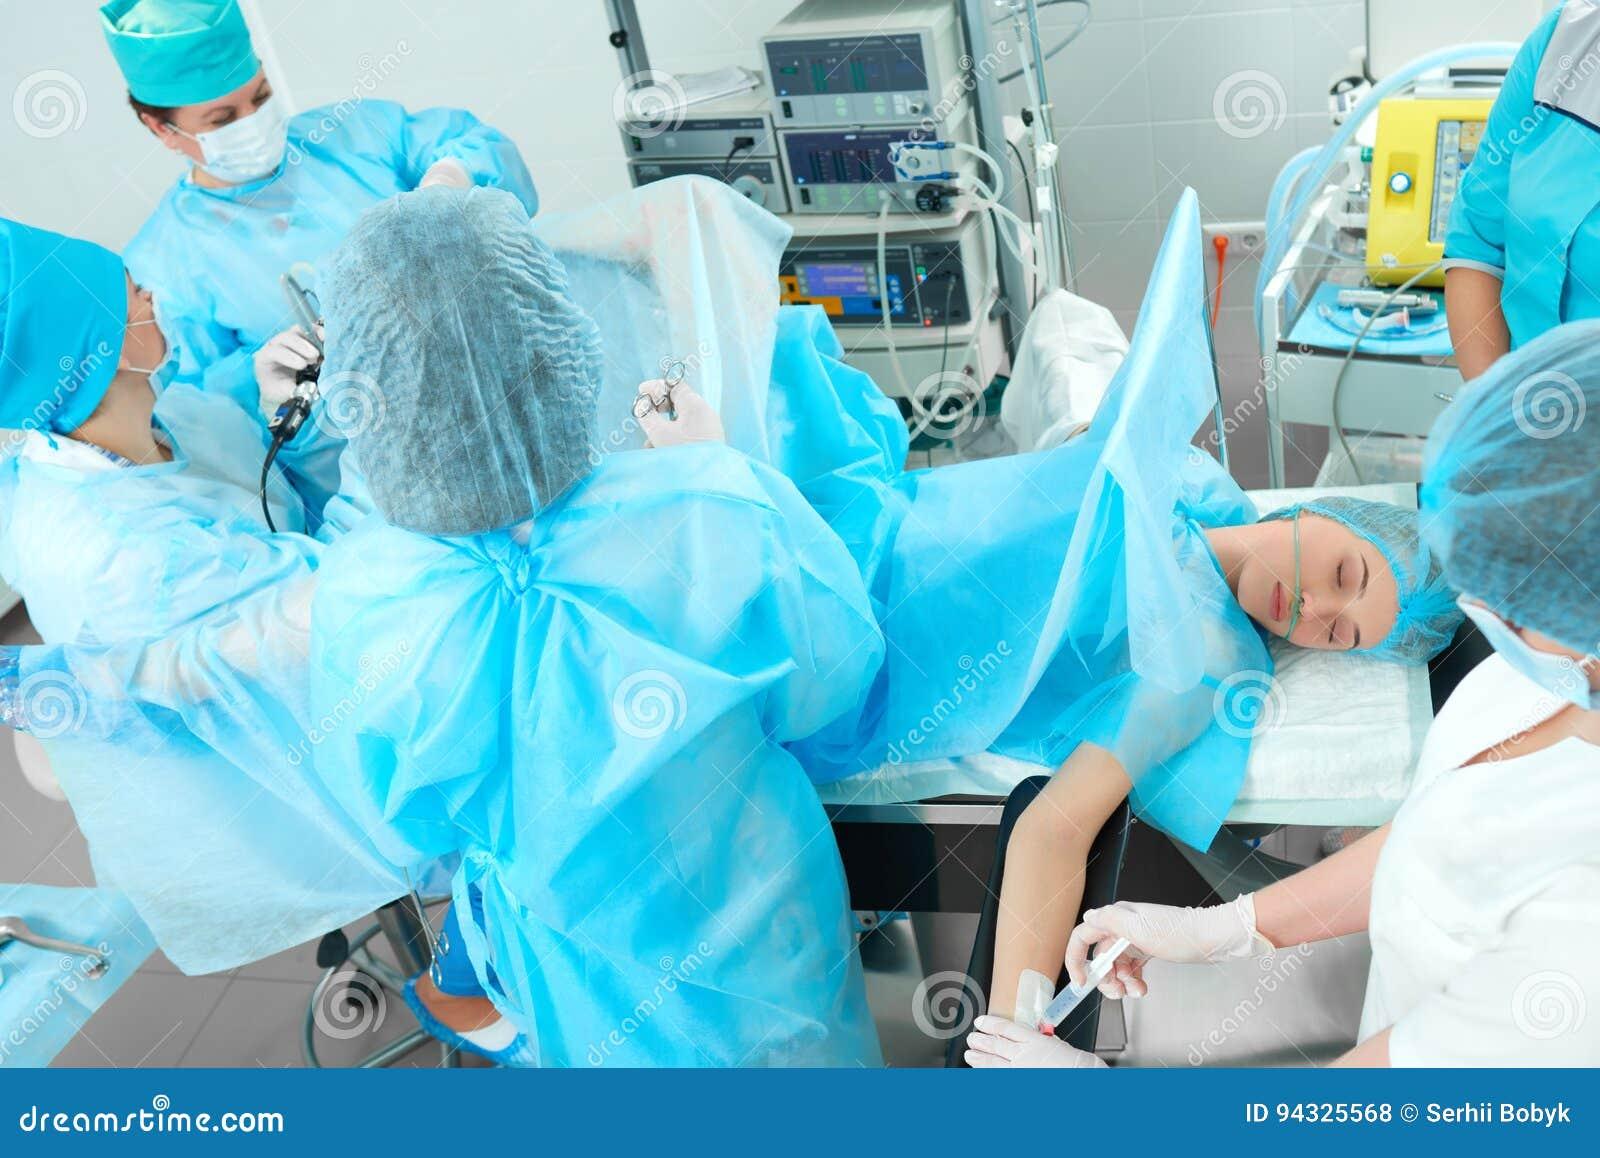 Drużyna chirurdzy wykonuje operację